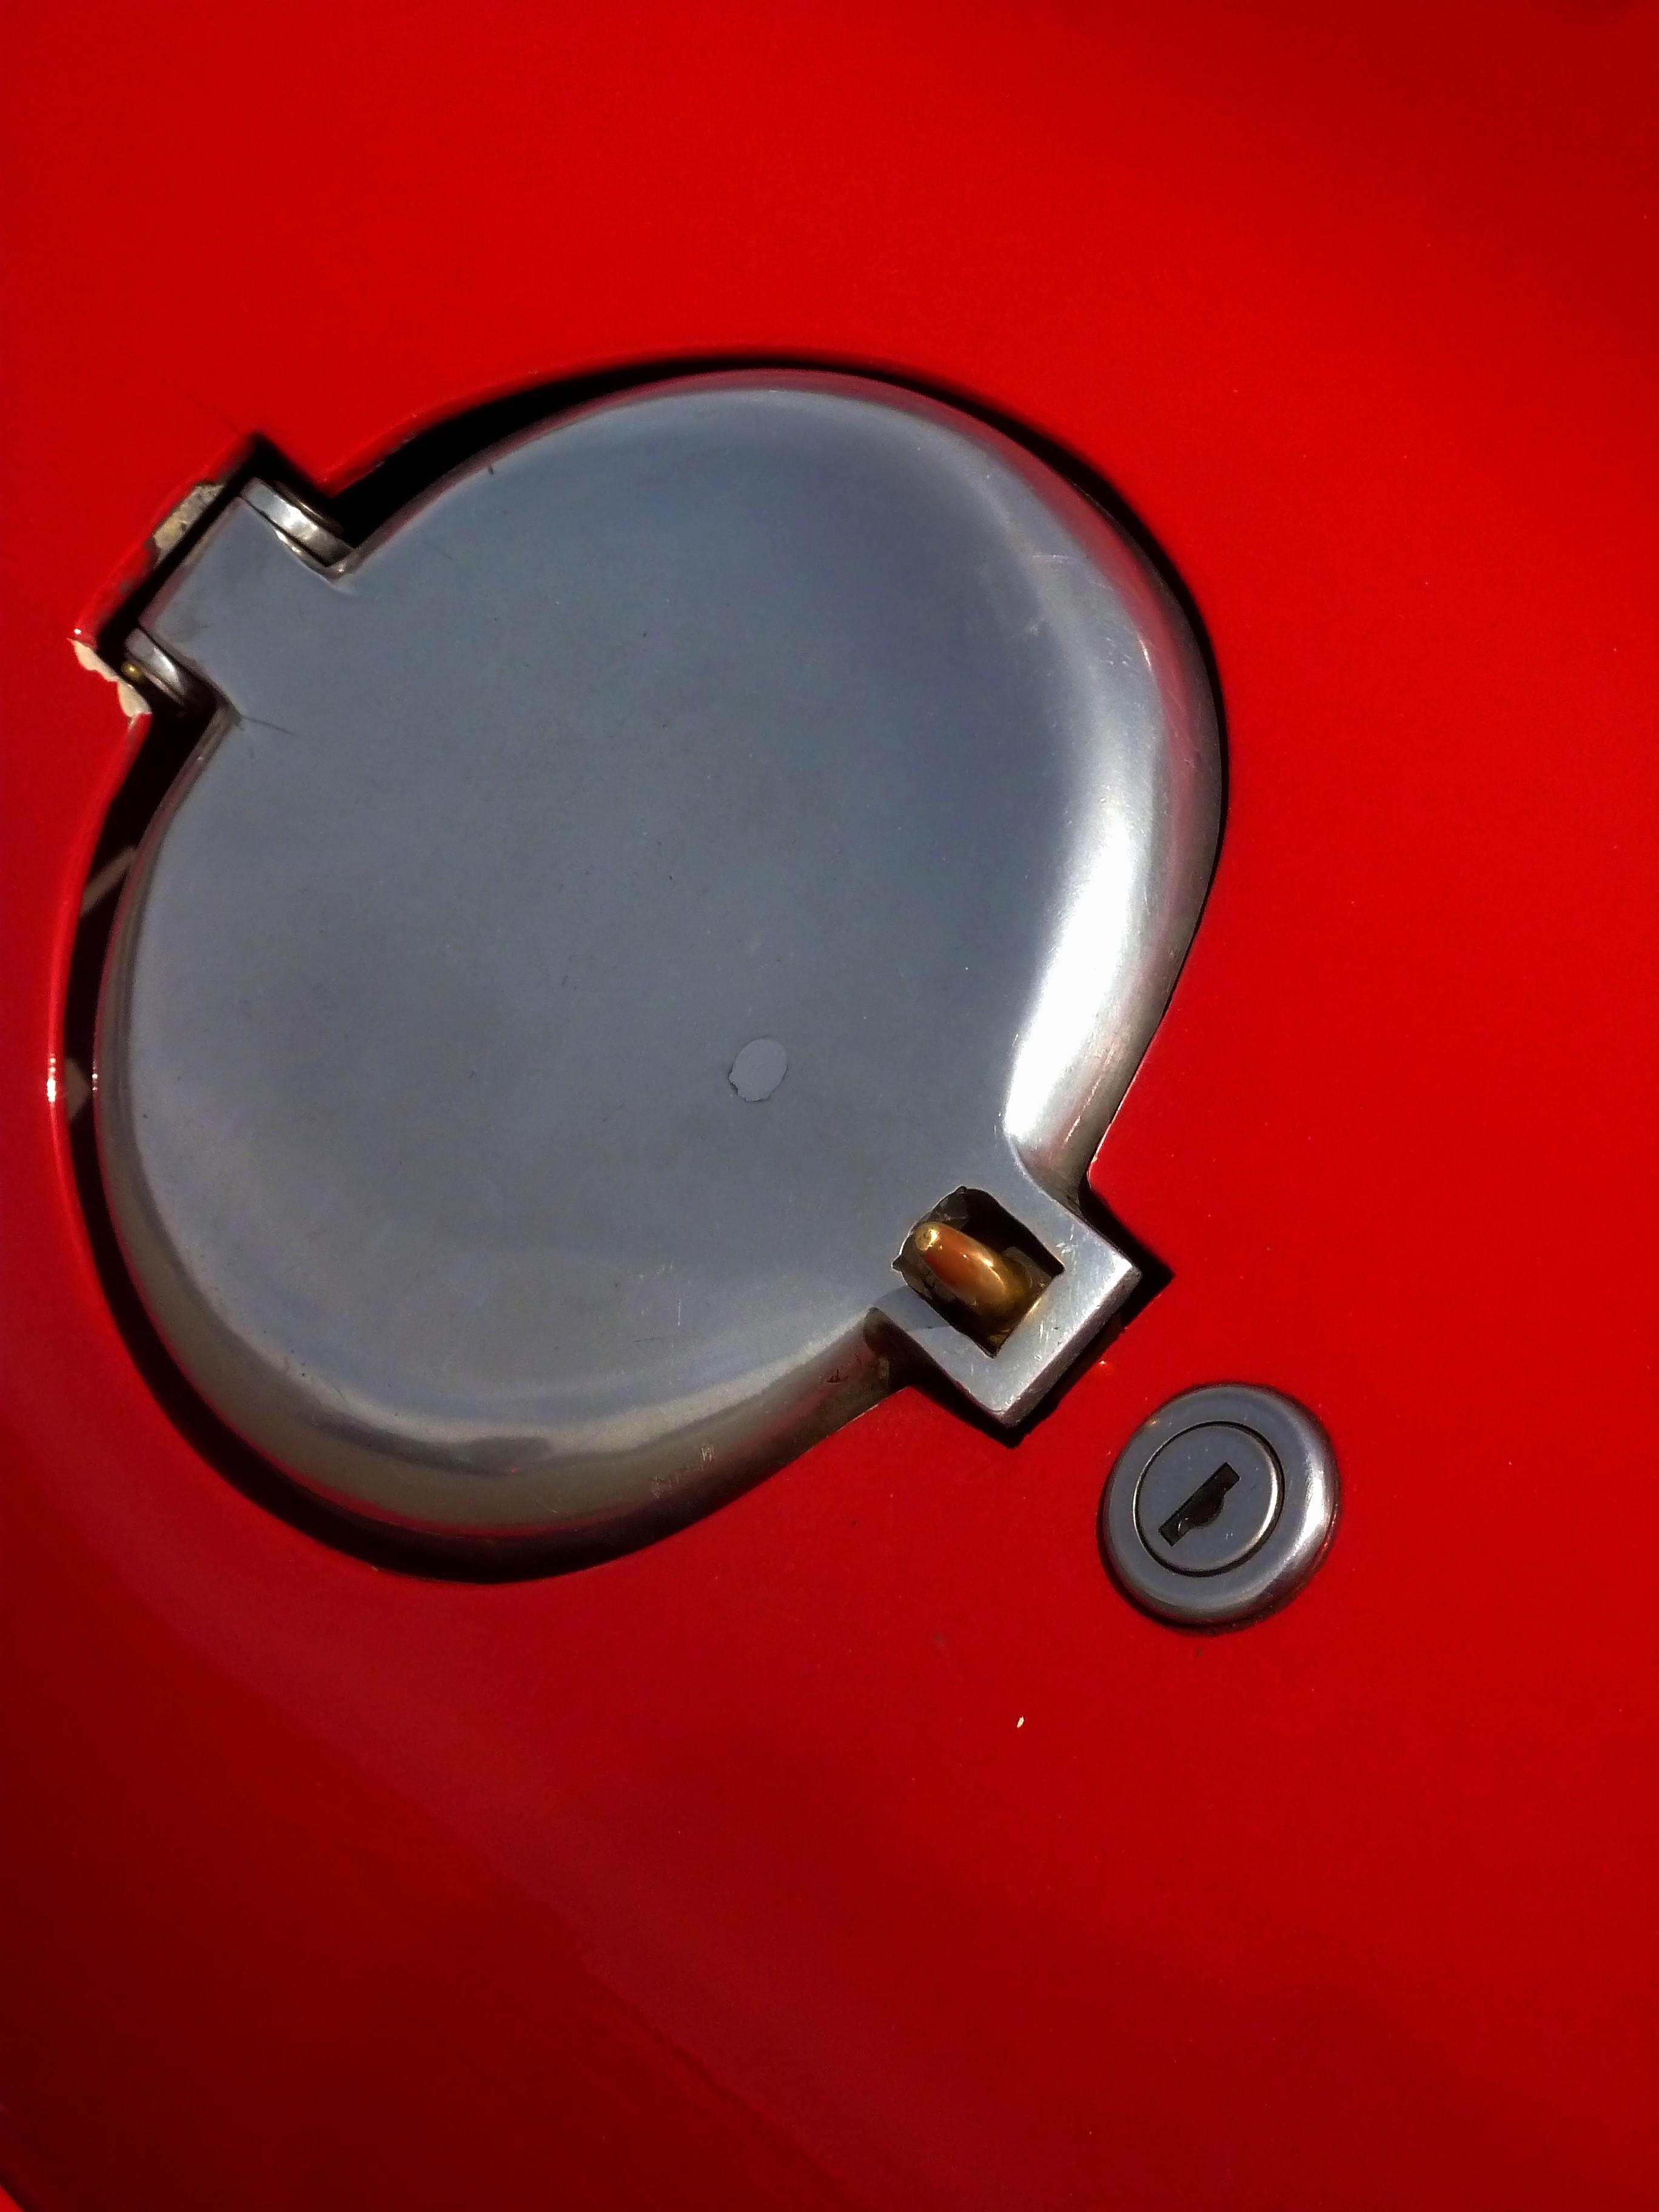 1961 Ferrari 250 GT SWB #2701 (49)_filtered